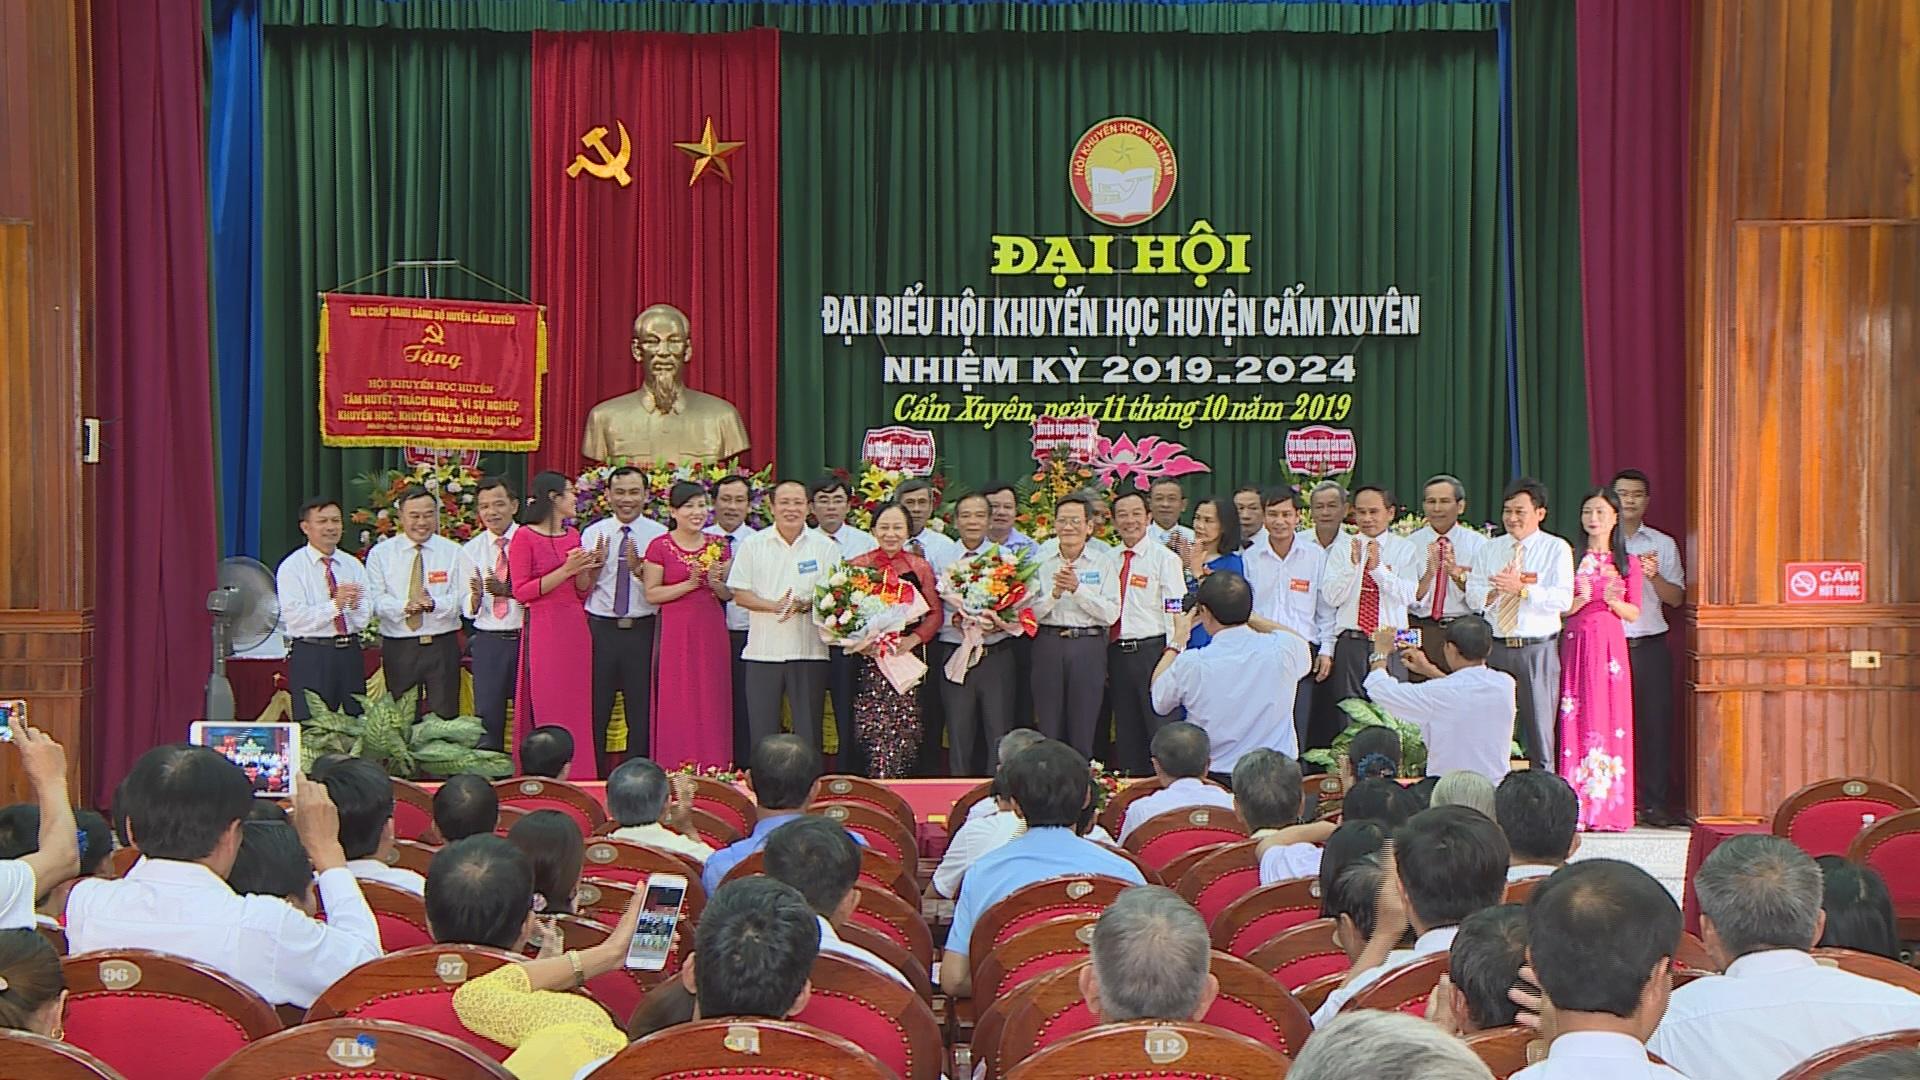 Đại hội đại biểu Hội khuyến học Huyện Cẩm Xuyên nhiệm kỳ 2019 – 2024